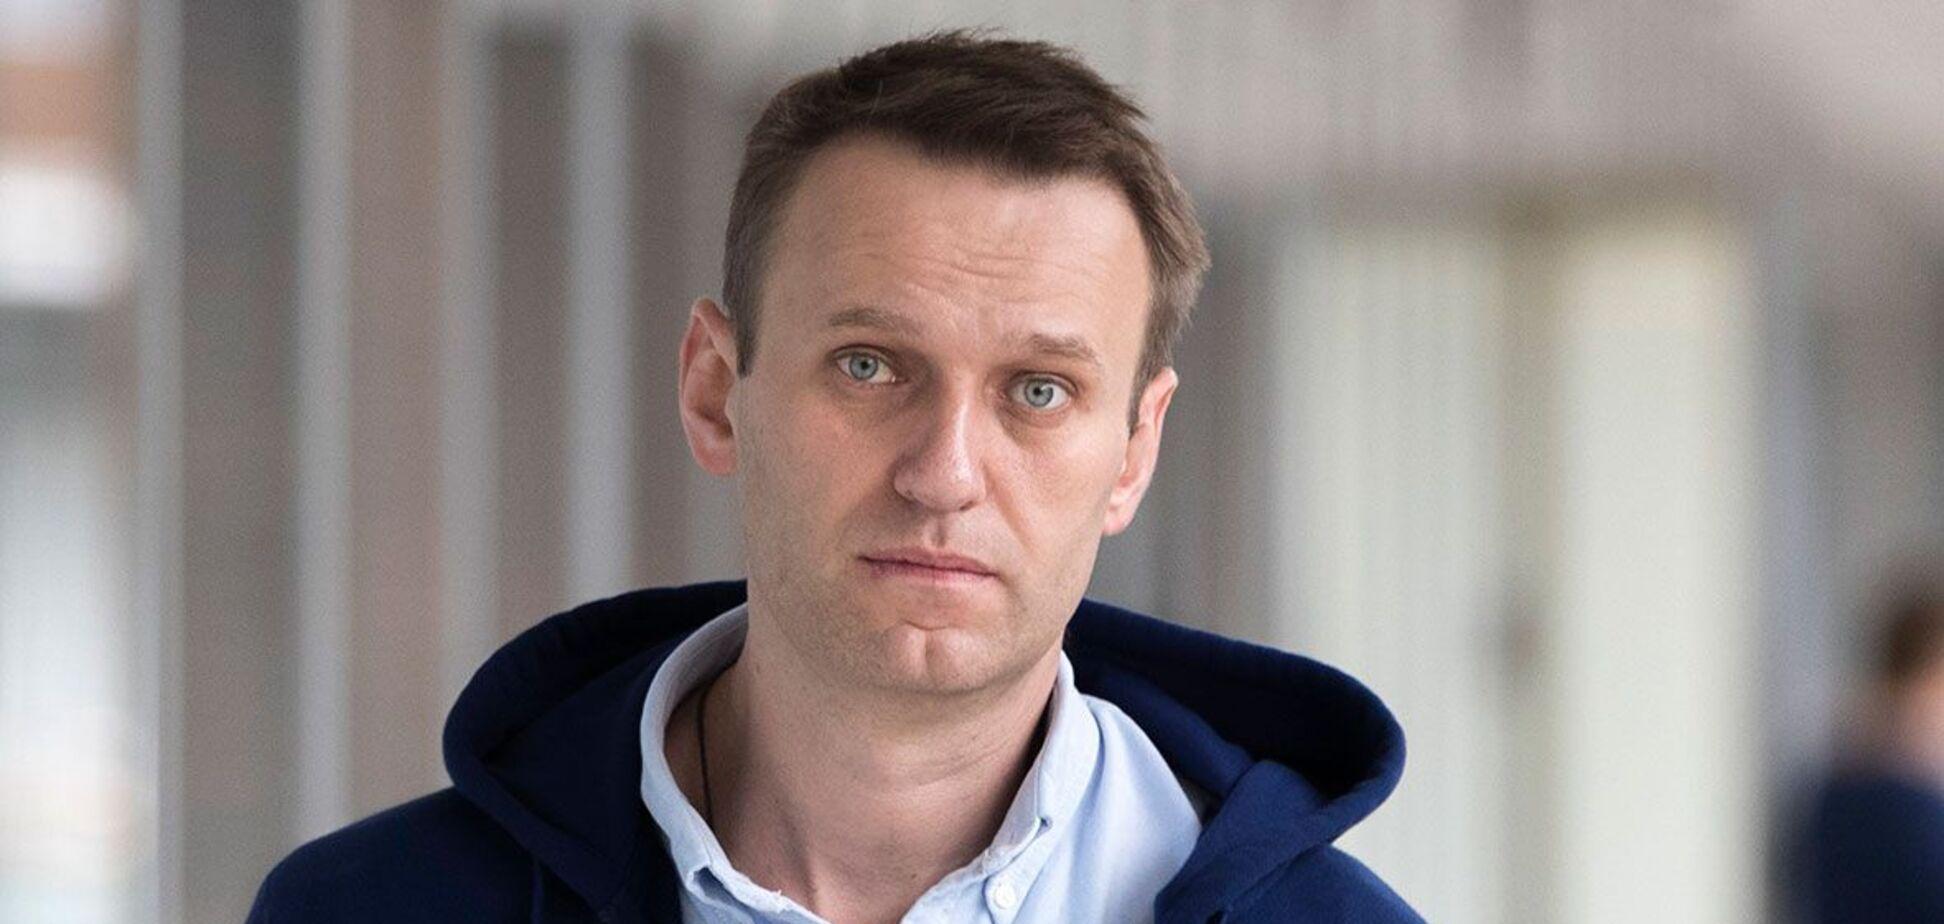 Олексій Навальний звинуватив Володимира Путіна в отруєнні